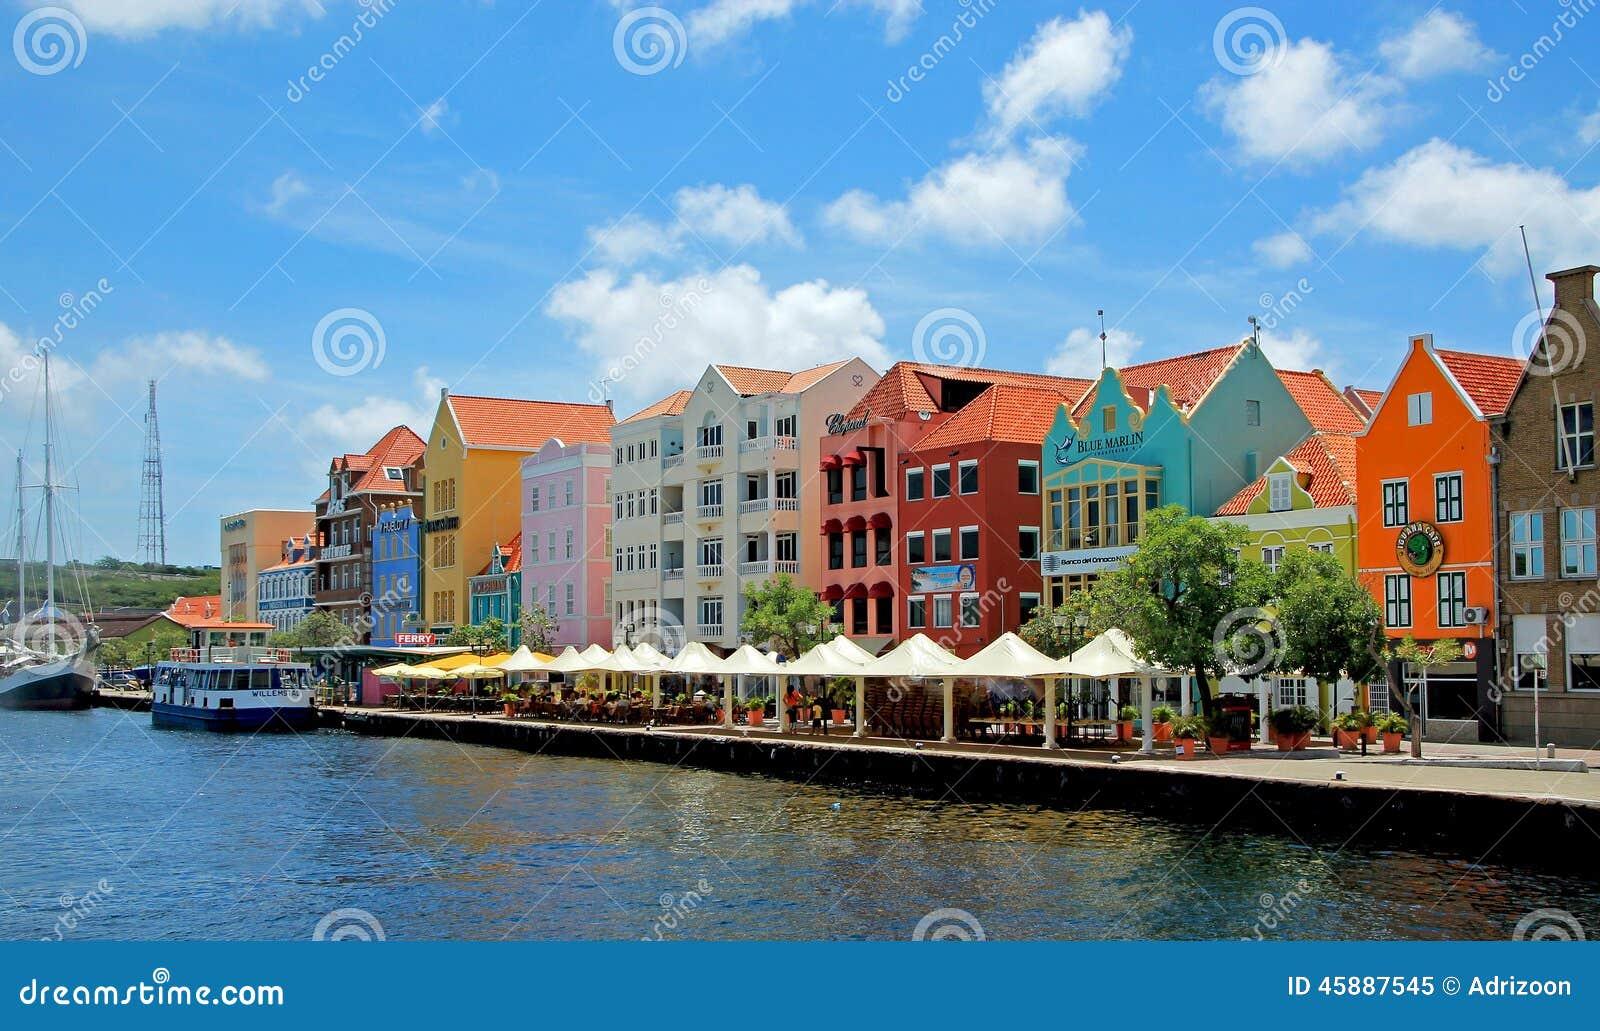 Gekleurde huizen van curacao nederlandse antillen redactionele afbeelding afbeelding 45887545 - Huizen van de wereldbank ...